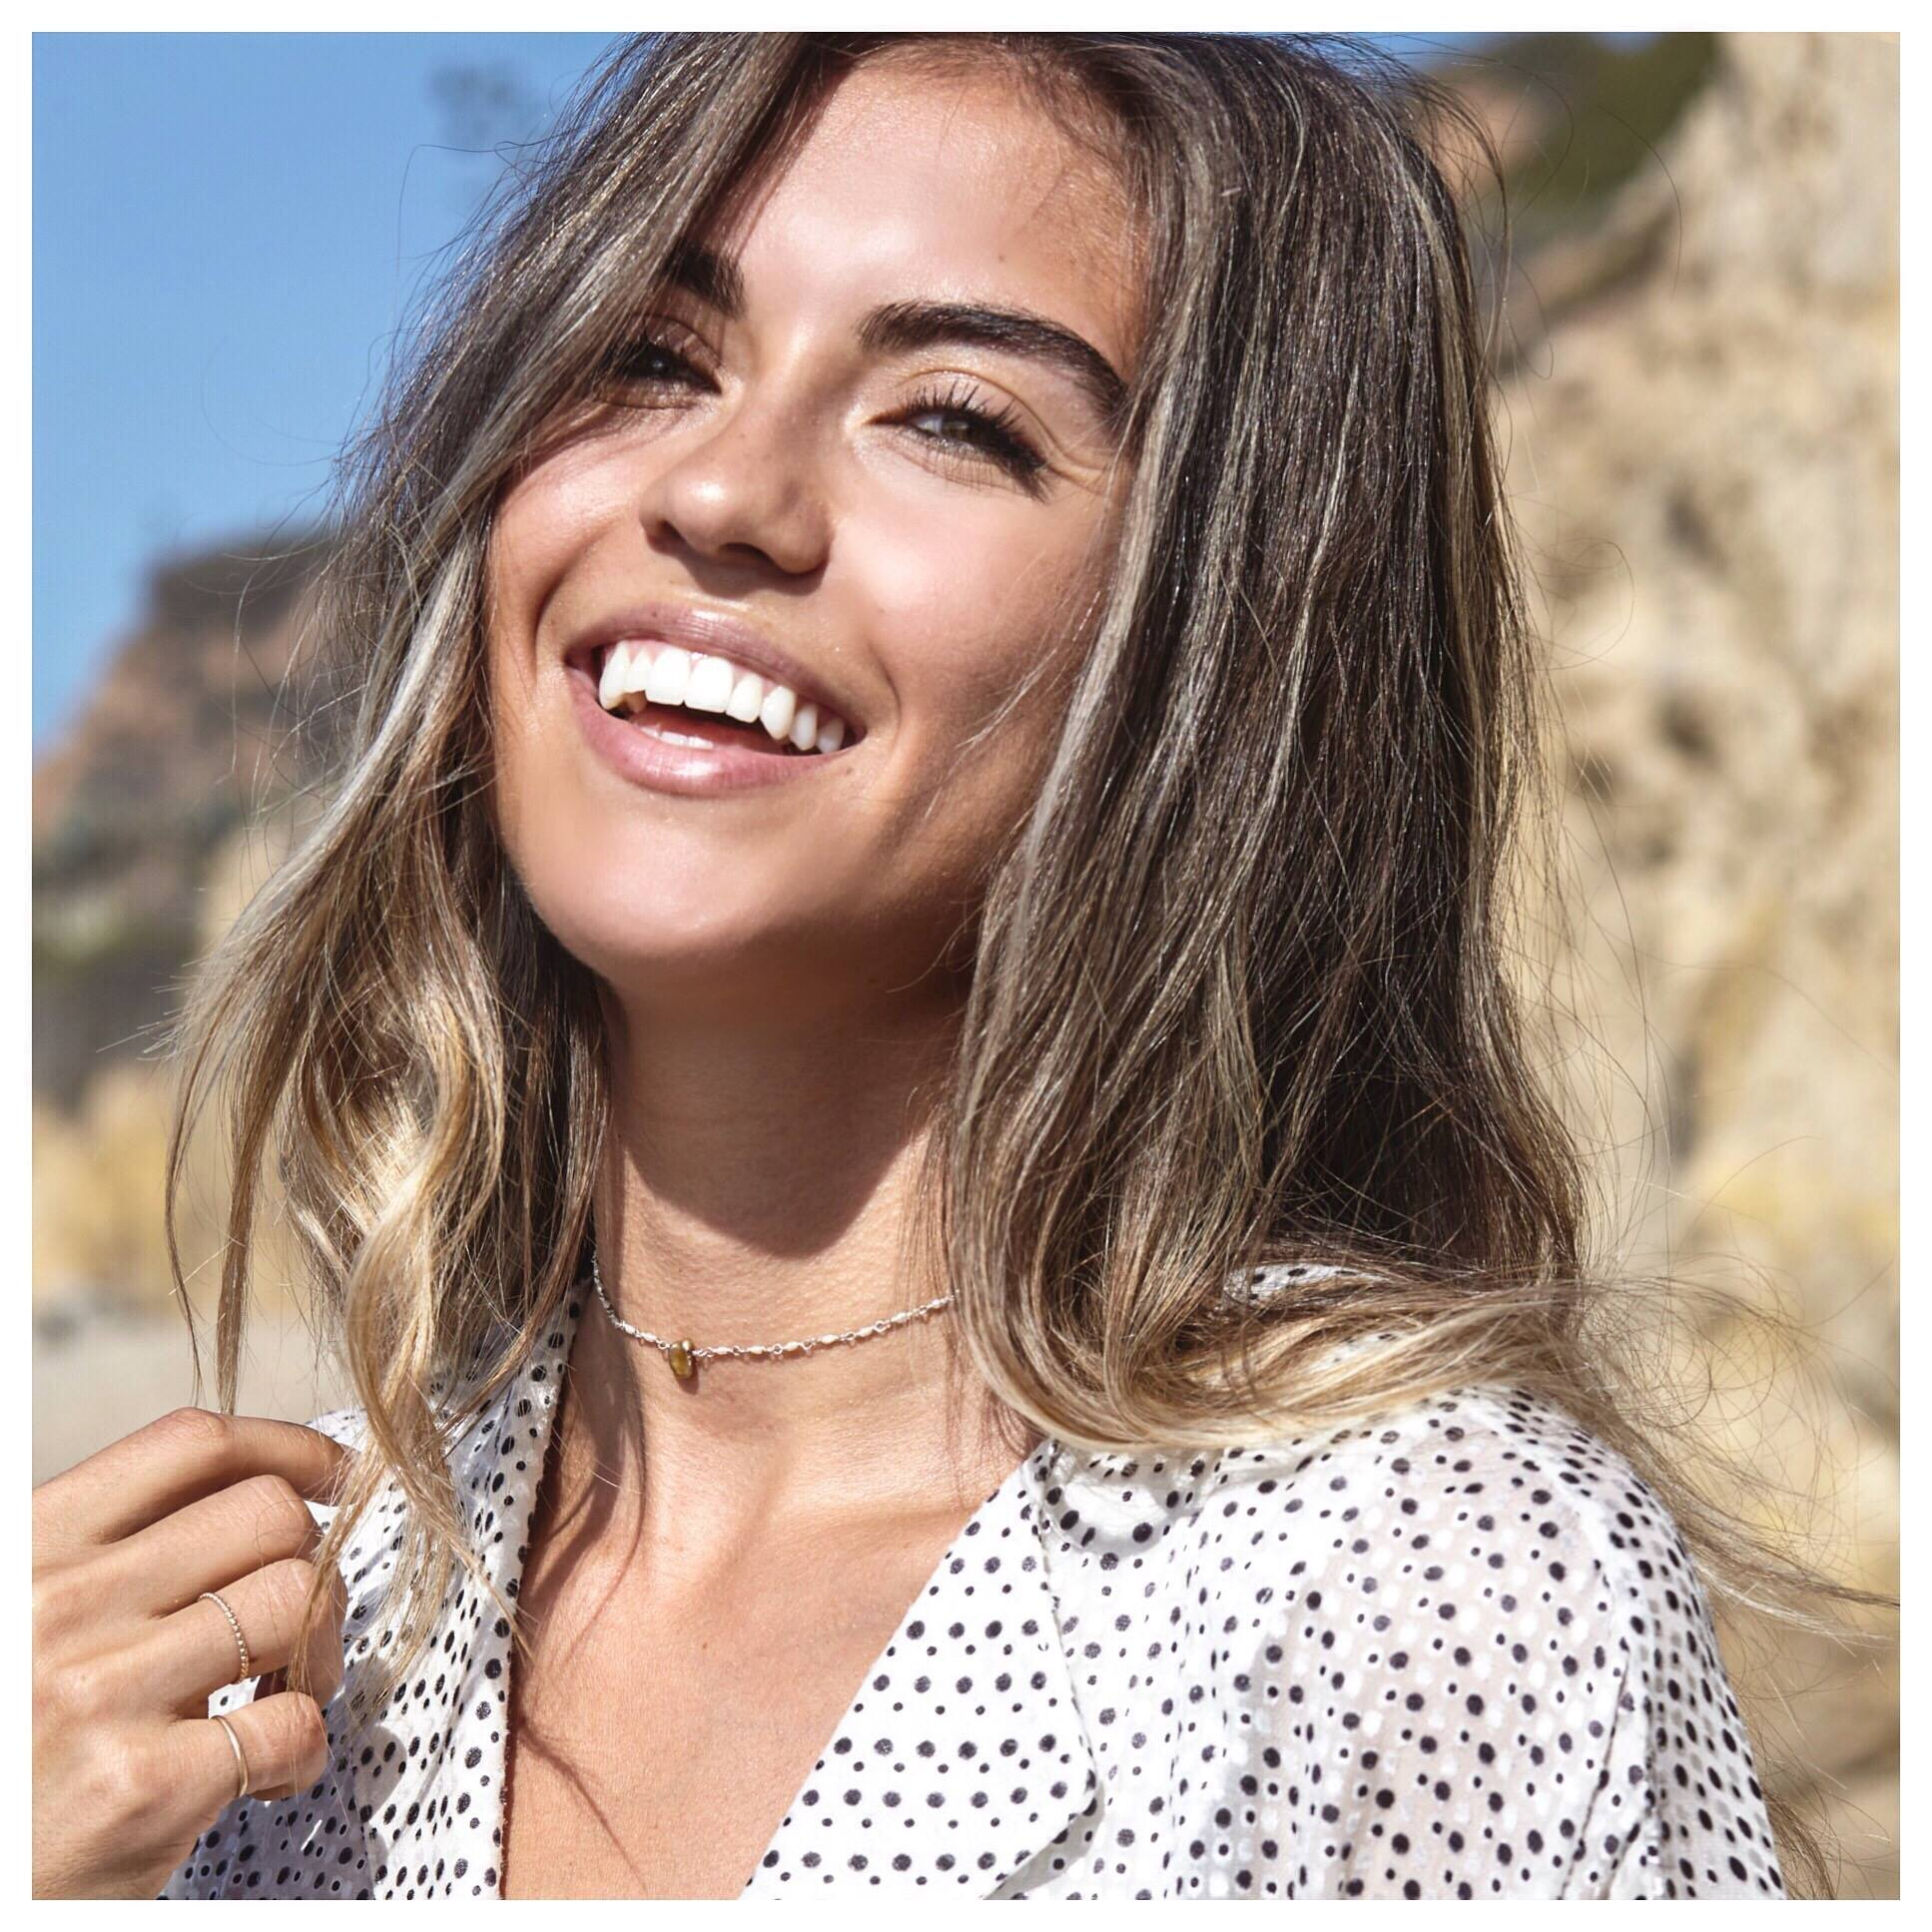 Erica Galia